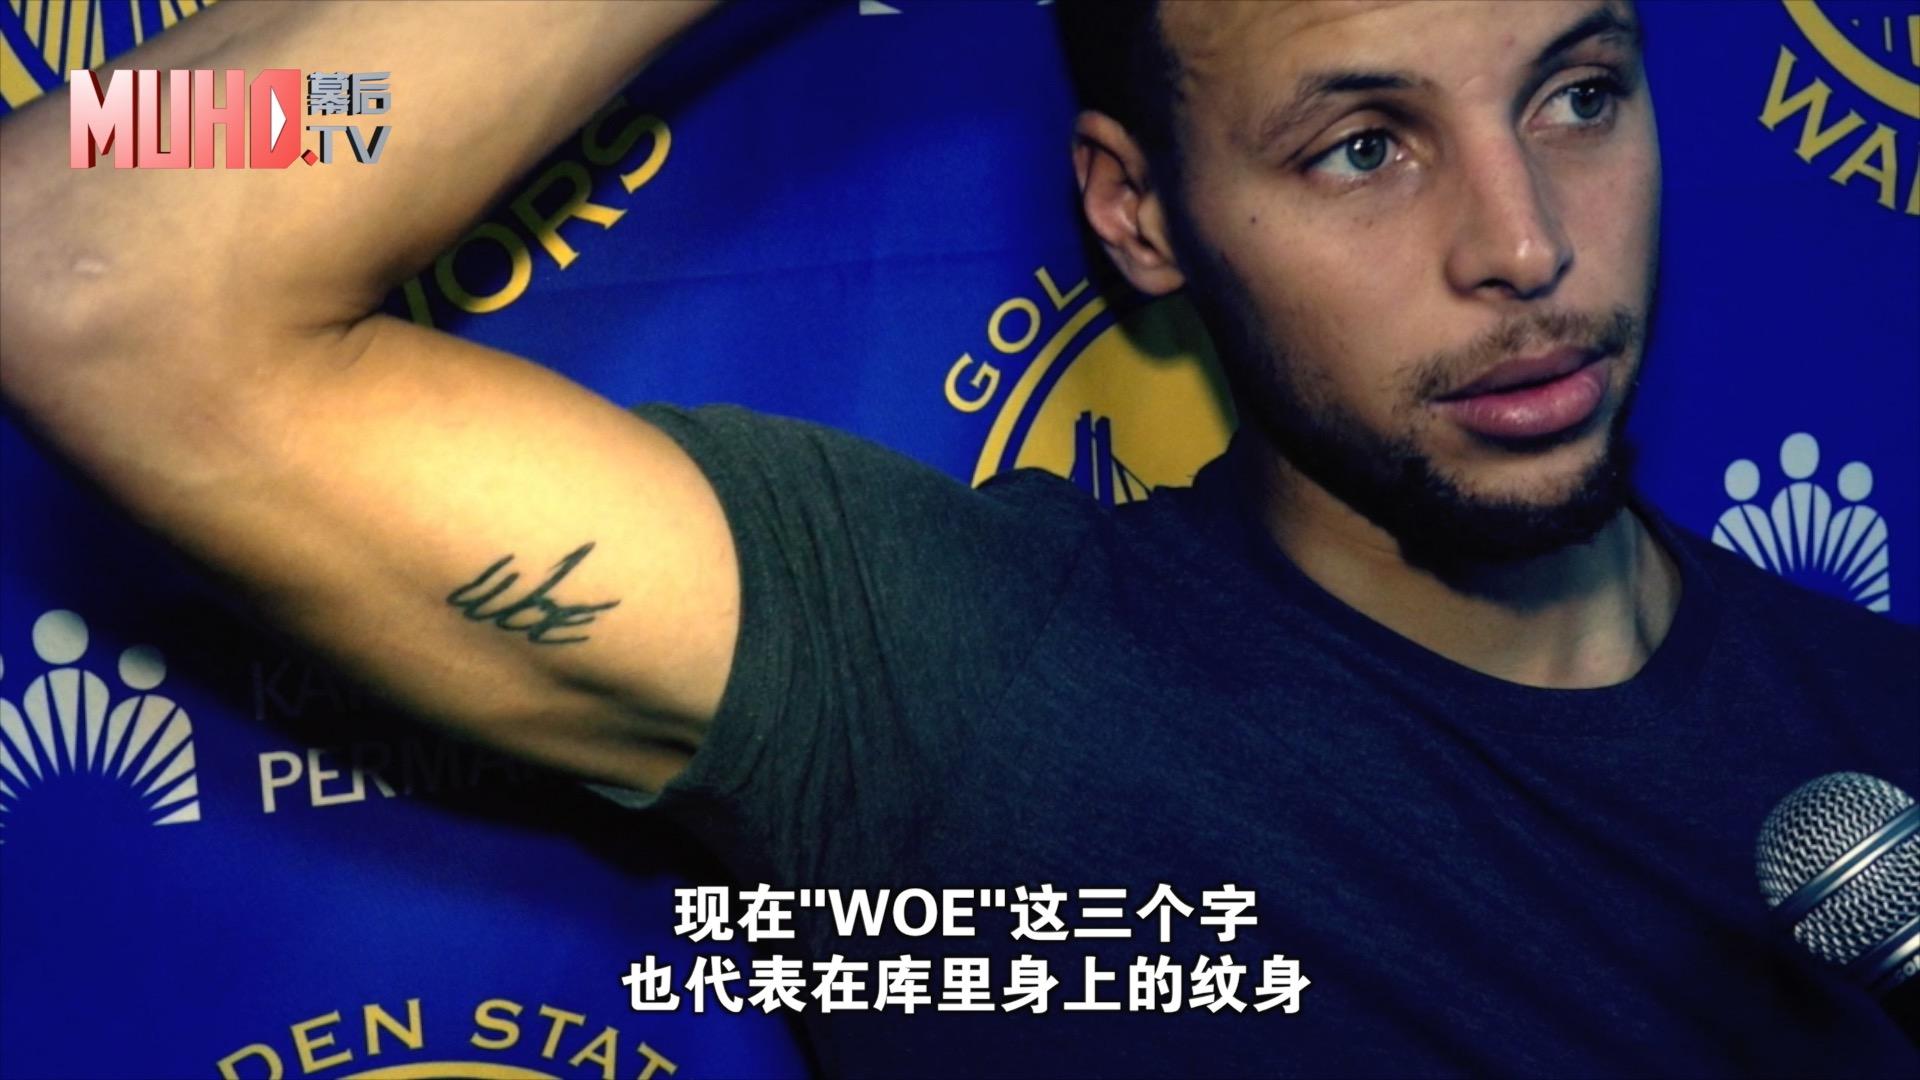 """库里右臂的新纹身""""woe""""的意思是"""